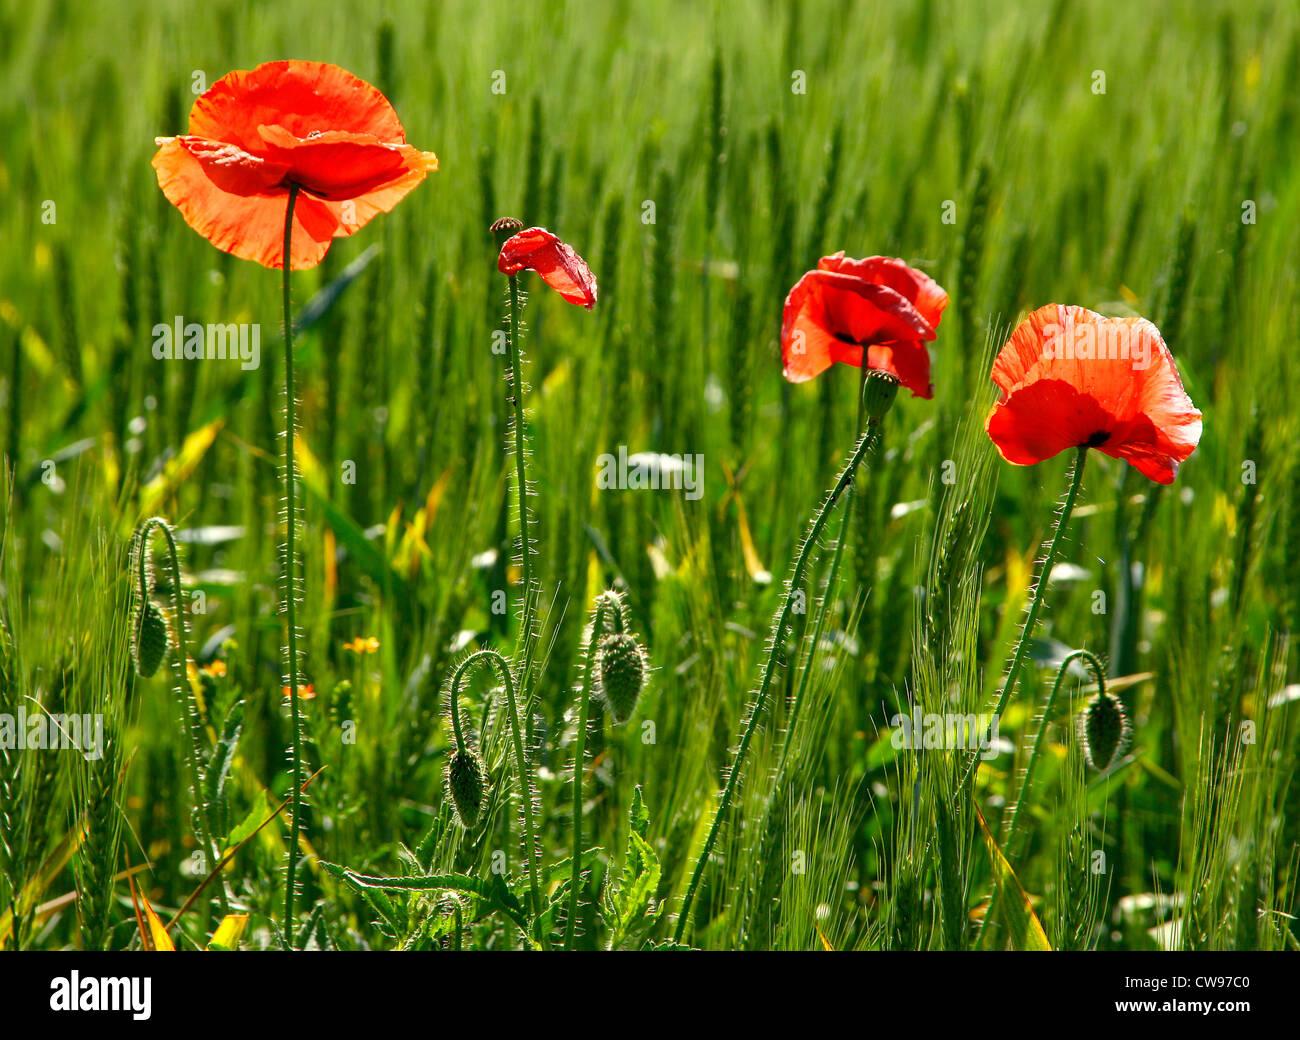 Amapola Roja flor en Trigo Verde Imagen De Stock